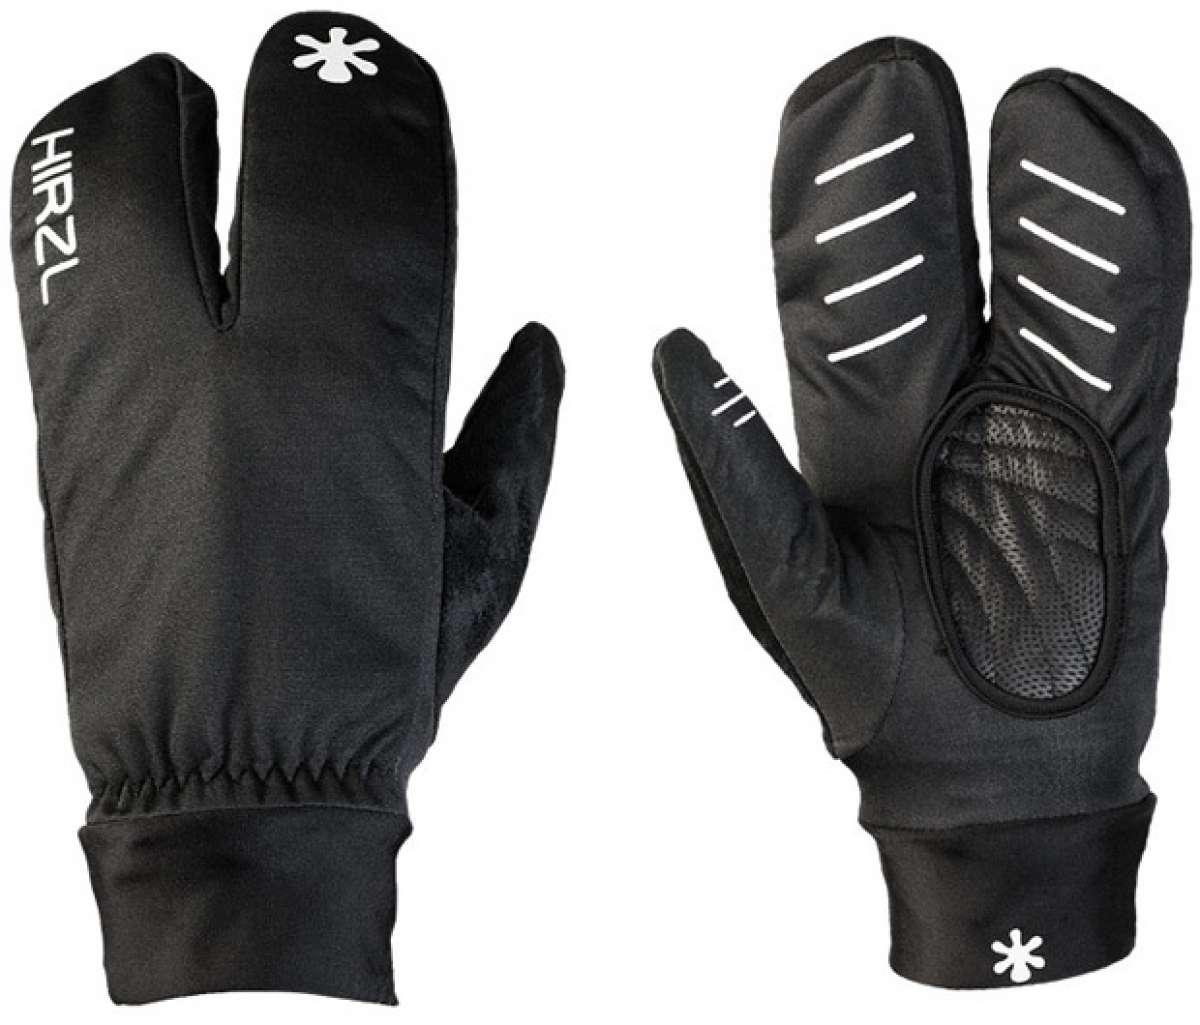 Contra el frío: Nuevos cubre-guantes Hirzl Finger Jacket